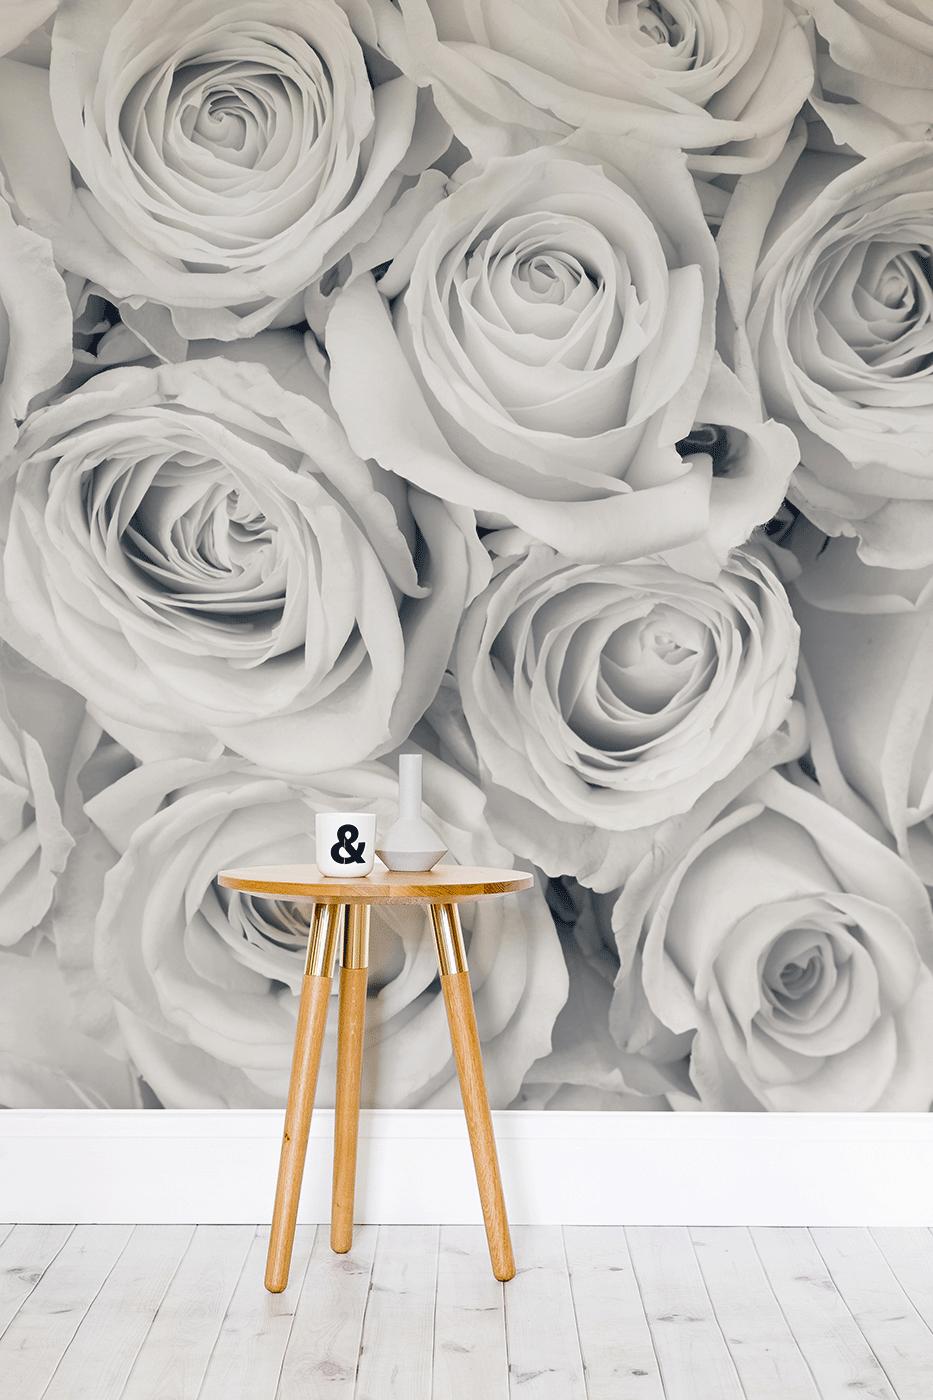 Best Rose Mural Wallpaper Large White Roses Wallpaper 400 x 300